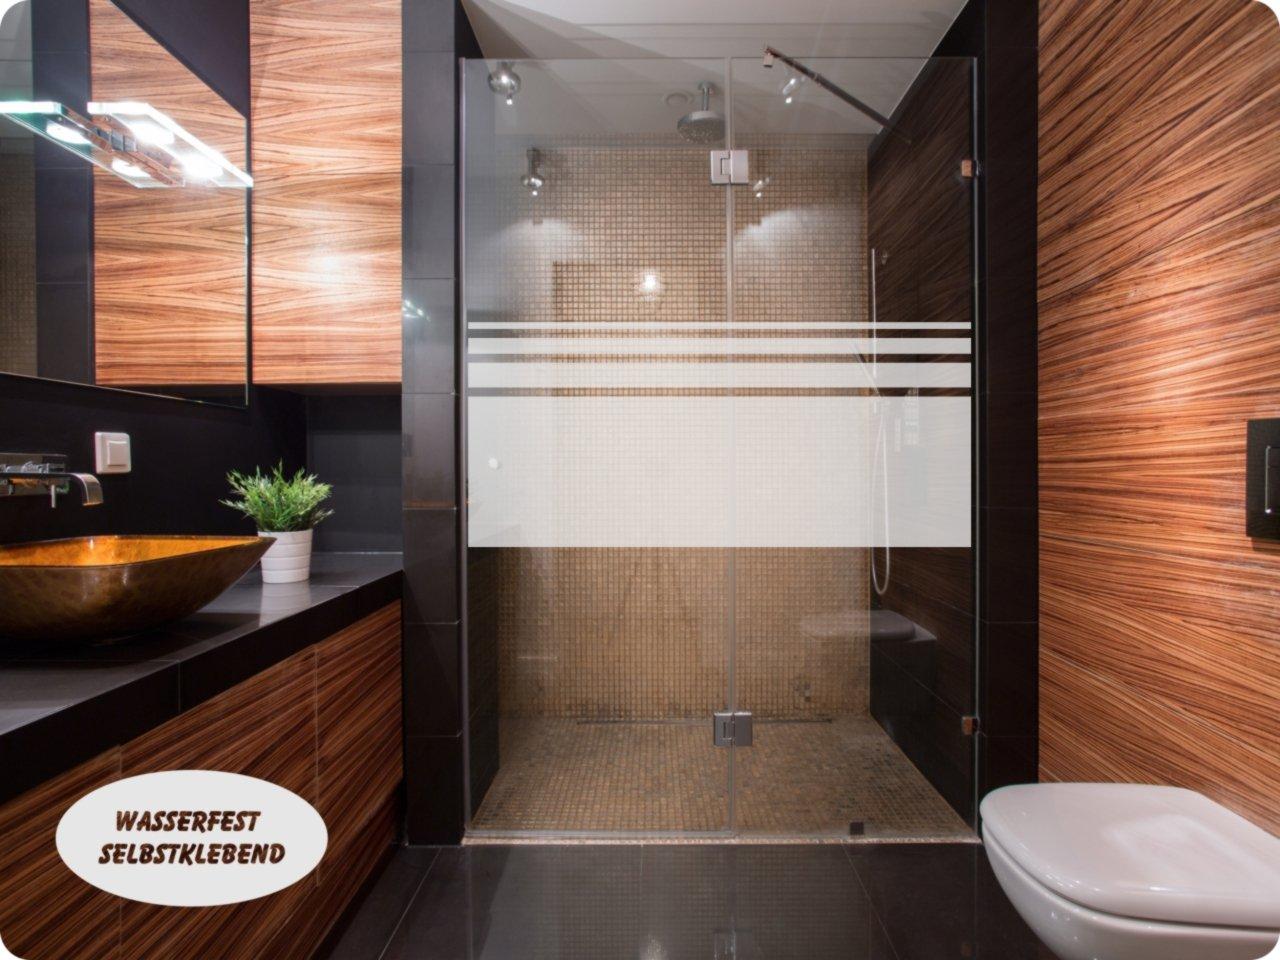 Full Size of Aufkleber Glasdekor Dusche Sichtschutz 650 Streifen 50cm Hoch Moderne Duschen Bodengleich Siphon Eckeinstieg Schulte Werksverkauf Glaswand Bodengleiche Fliesen Dusche Glastür Dusche